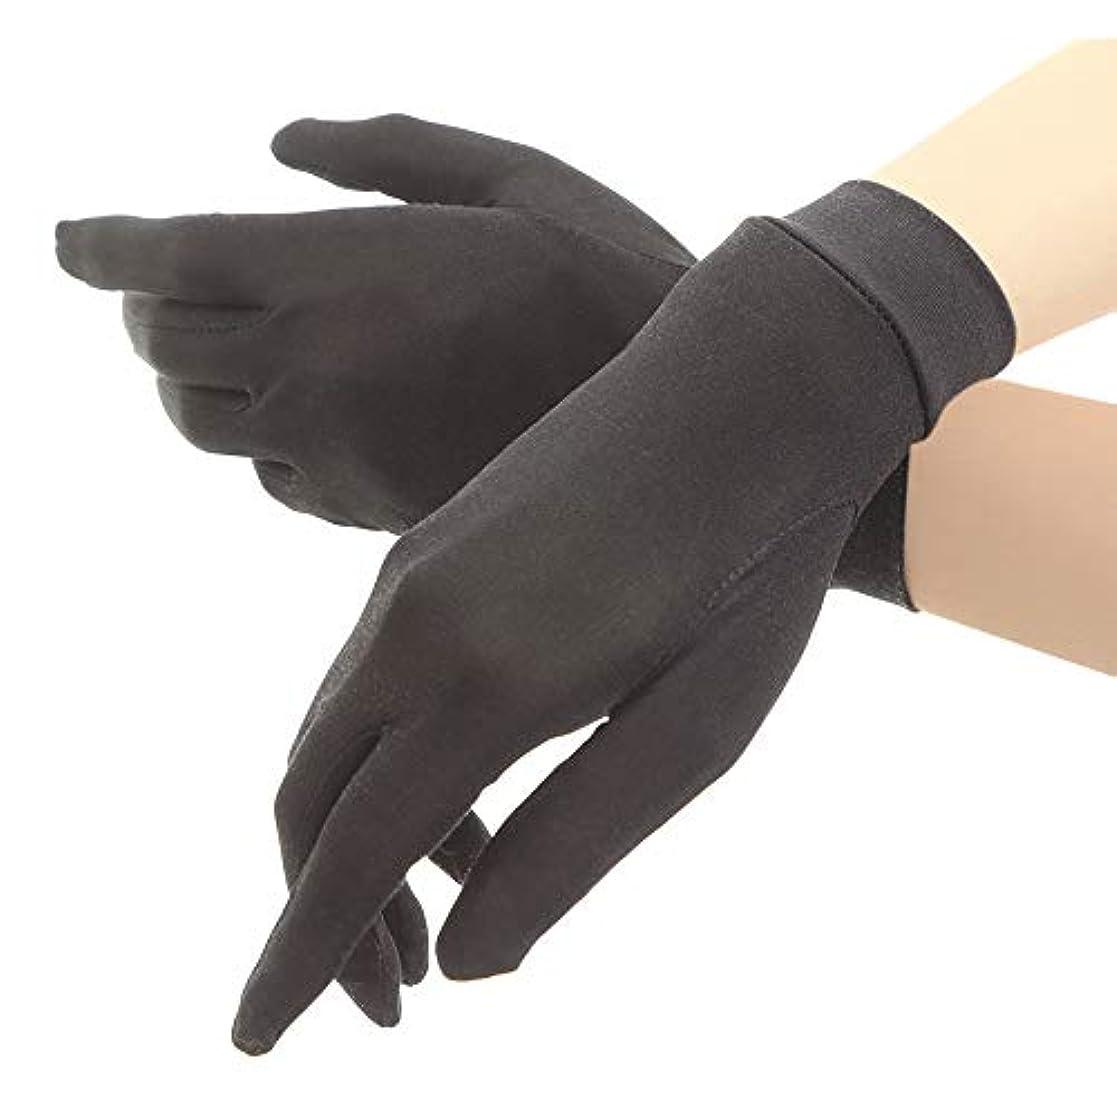 野心人里離れた道徳教育シルク手袋 レディース 手袋 シルク 絹 ハンド ケア 保湿 紫外線 肌荒れ 乾燥 サイズアップで手指にマッチ 【macch】